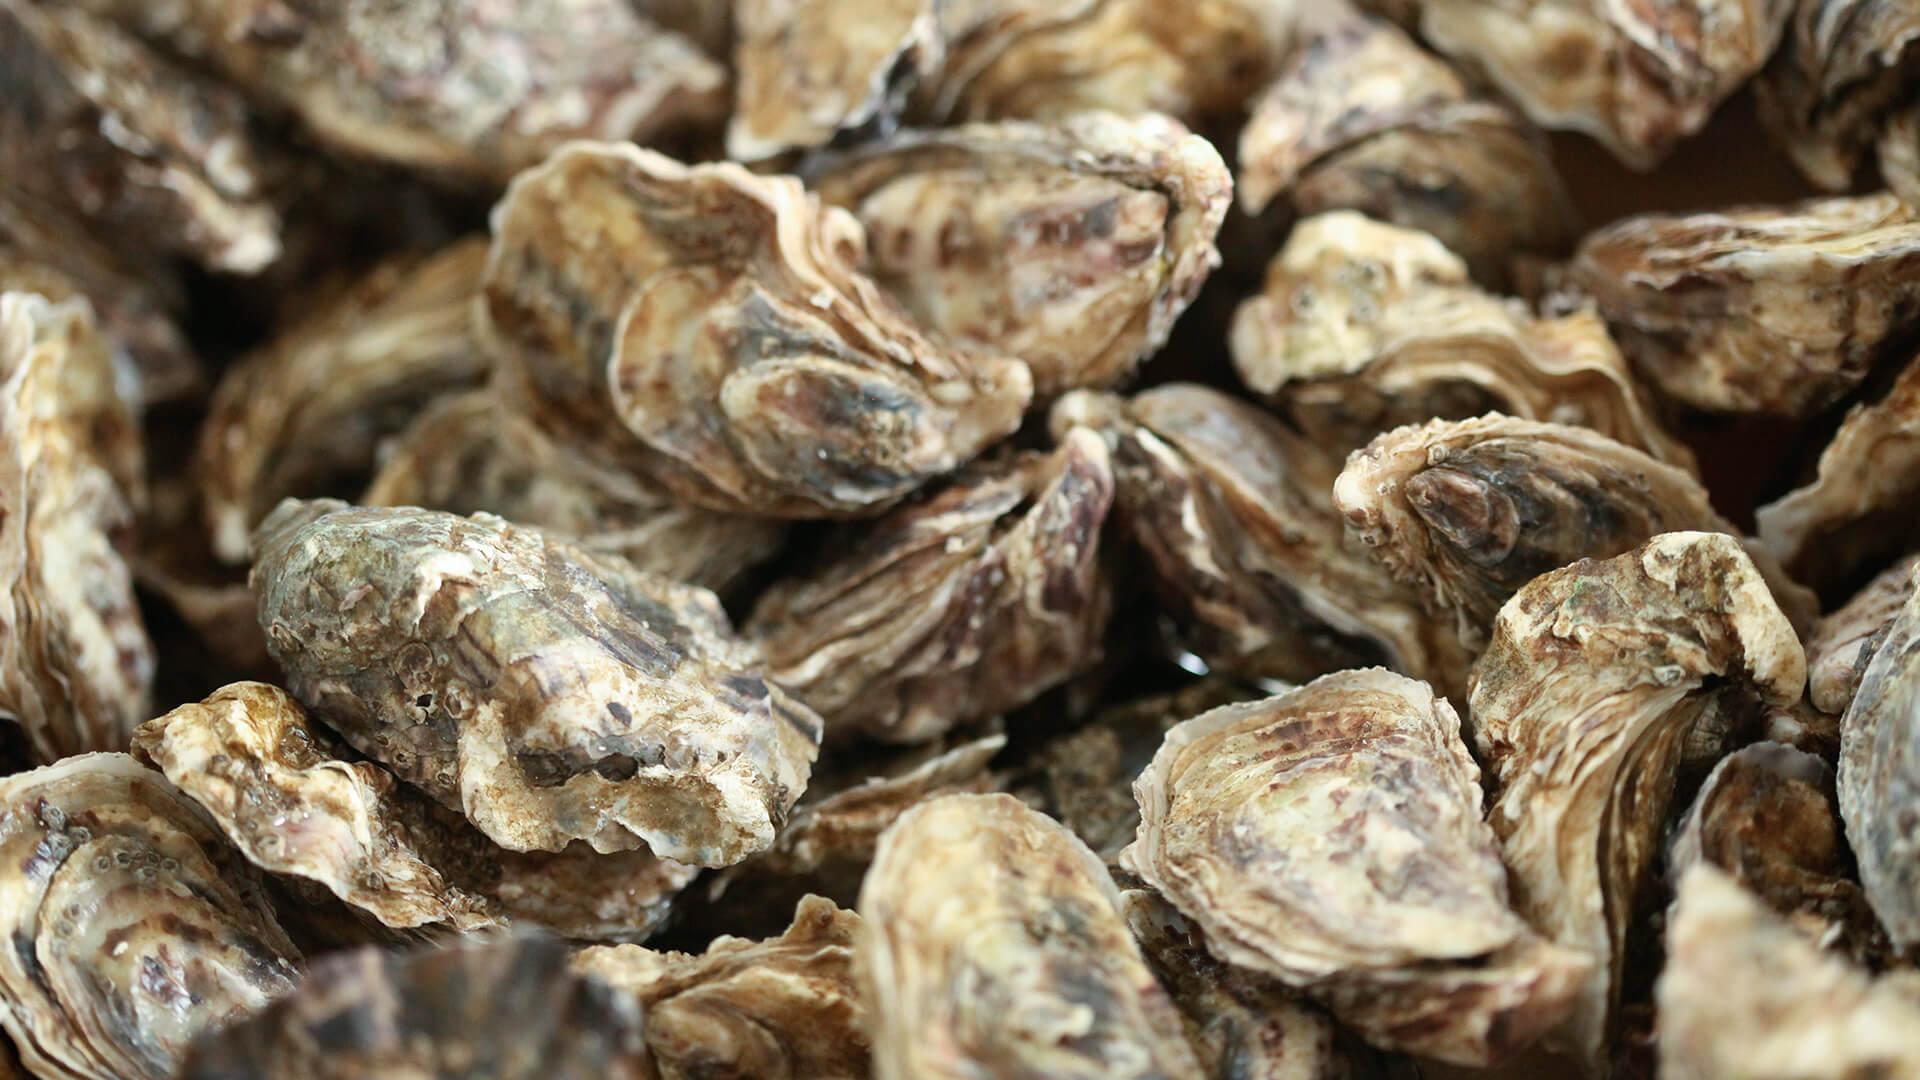 Les huîtres des Parcs de l'impératrice sont servies au Relais du Cap